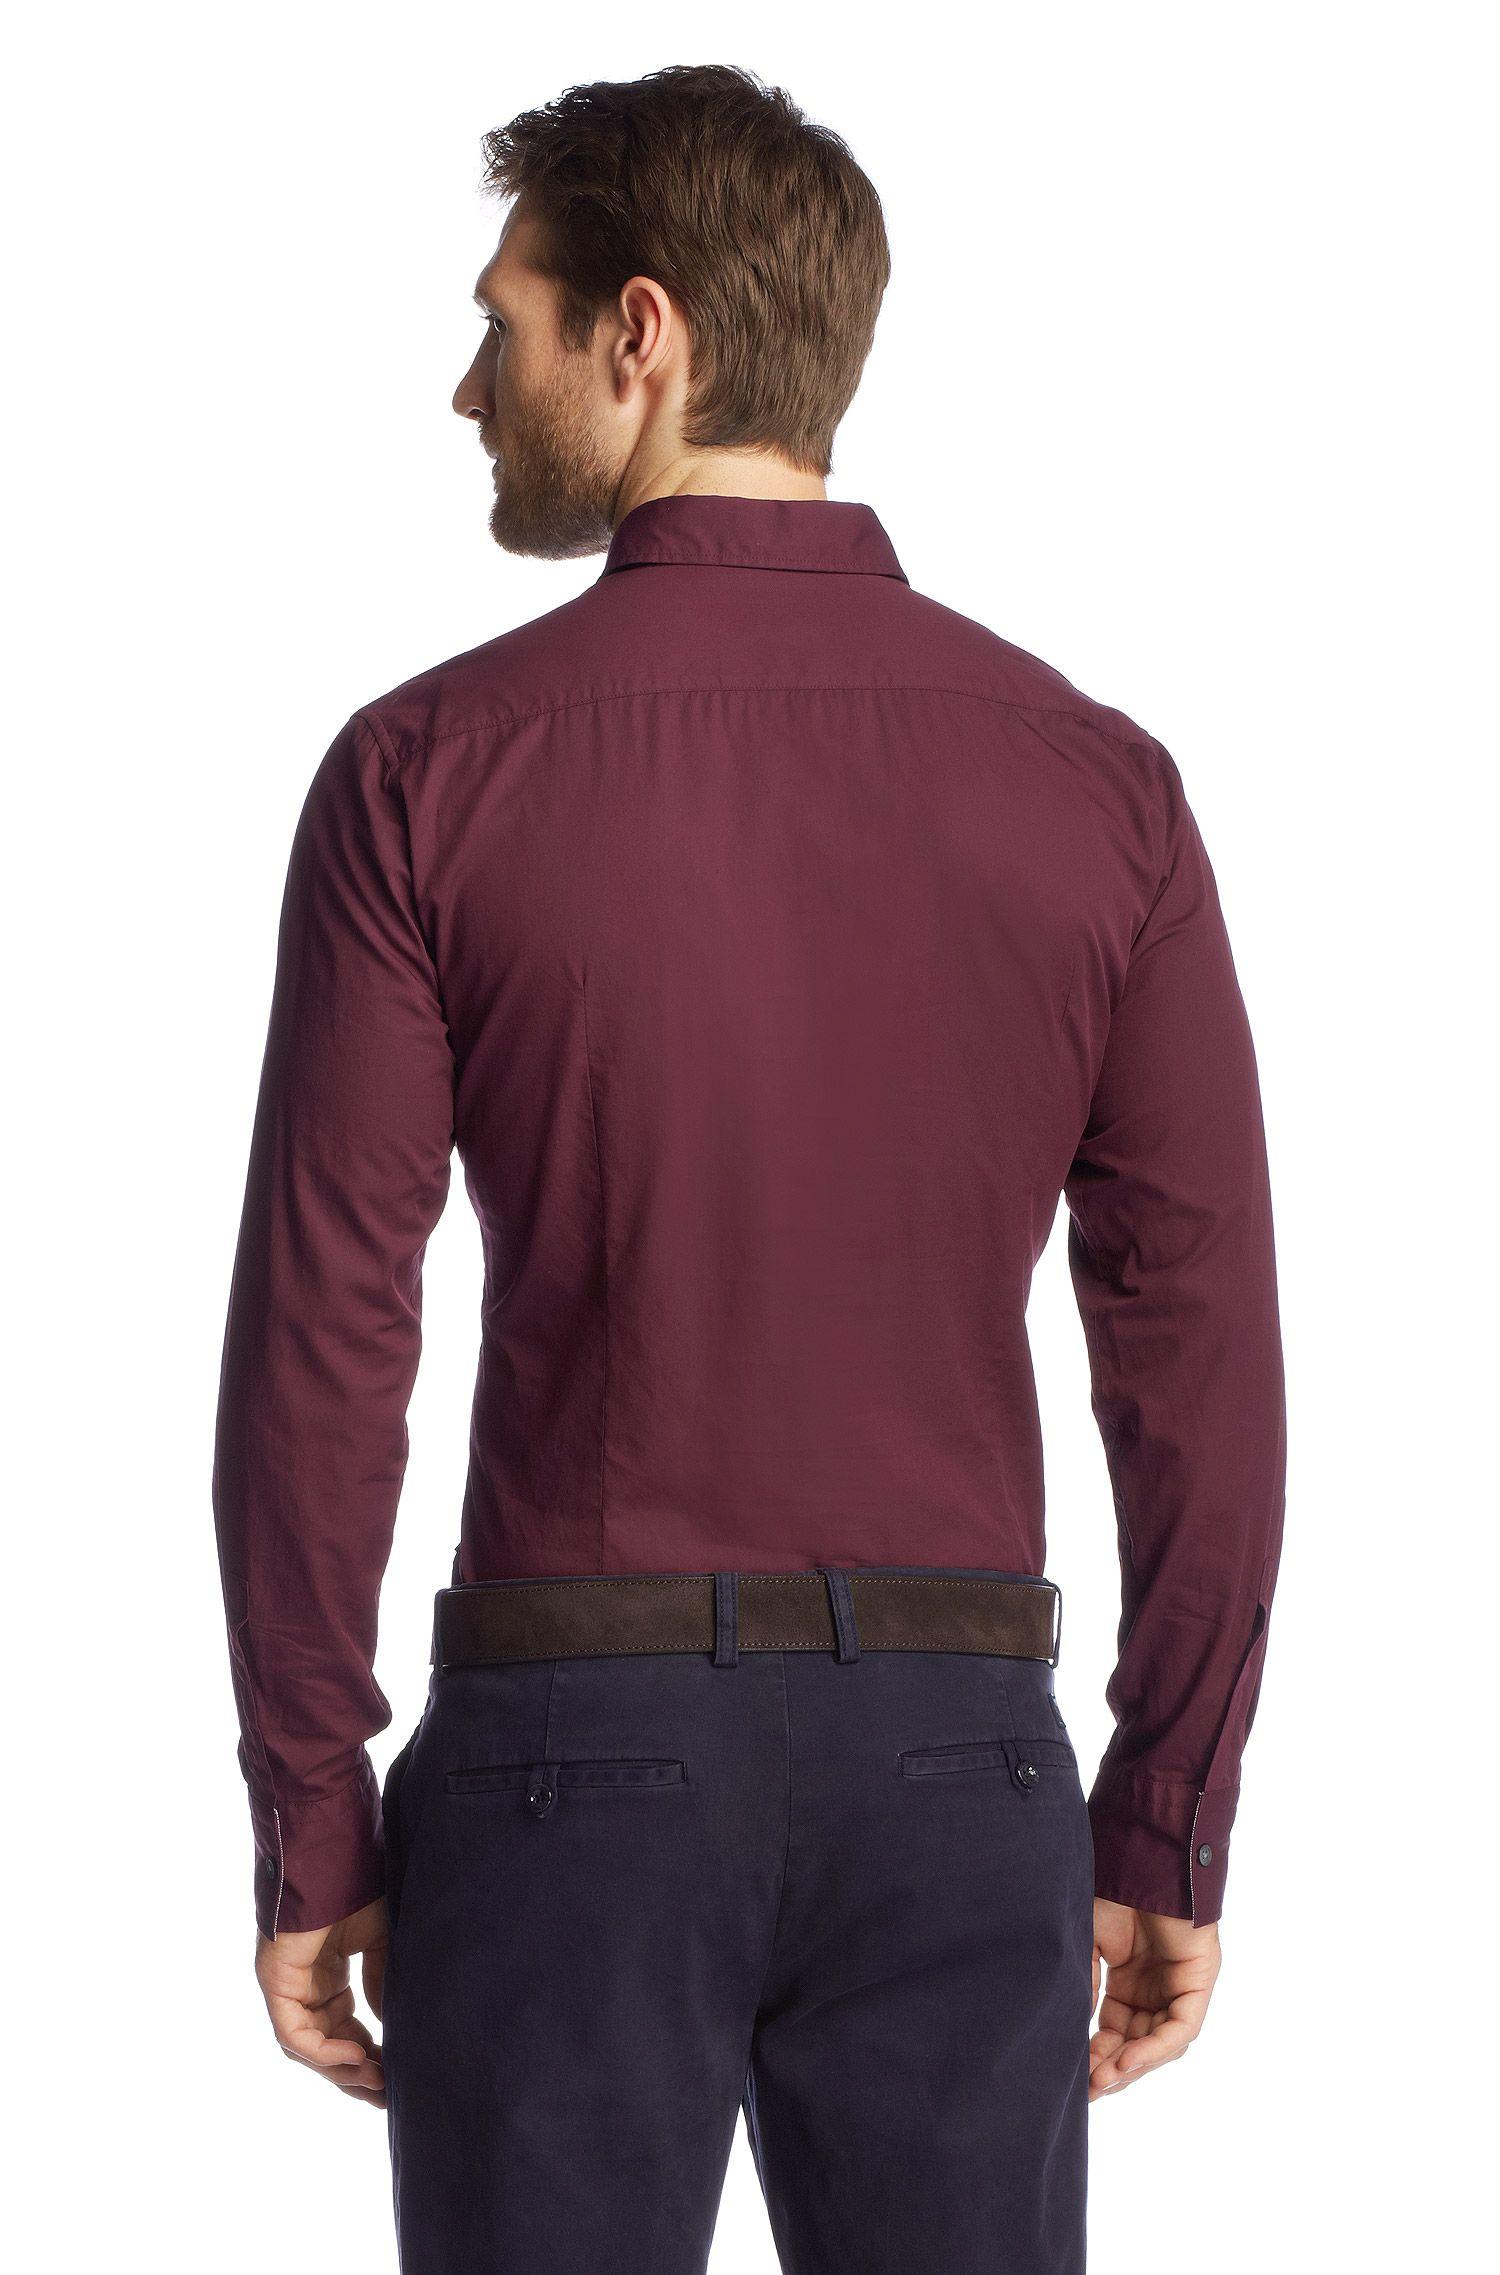 Slim-Fit Freizeit-Hemd ´Ronny_21 Modern Essentia, Dunkelrot